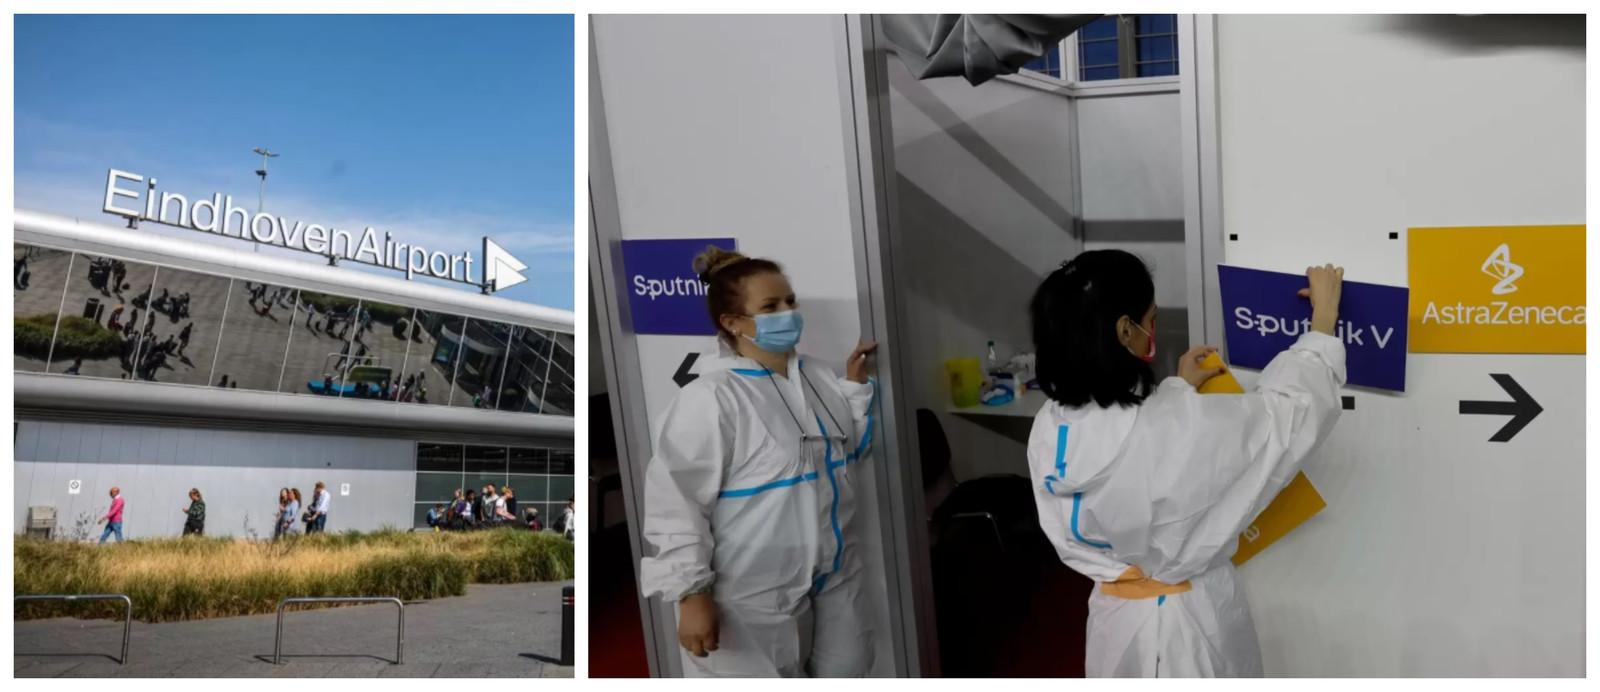 De luchthaven van Eindhoven, op een half uurtje rijden van de Belgische grens. Foto rechts:  verpleegkundigen in een vaccinatiecentrum in de Servische hoofdstad Belgrado. Servië vaccineert onder meer met het Russische Sputnik-vaccin.